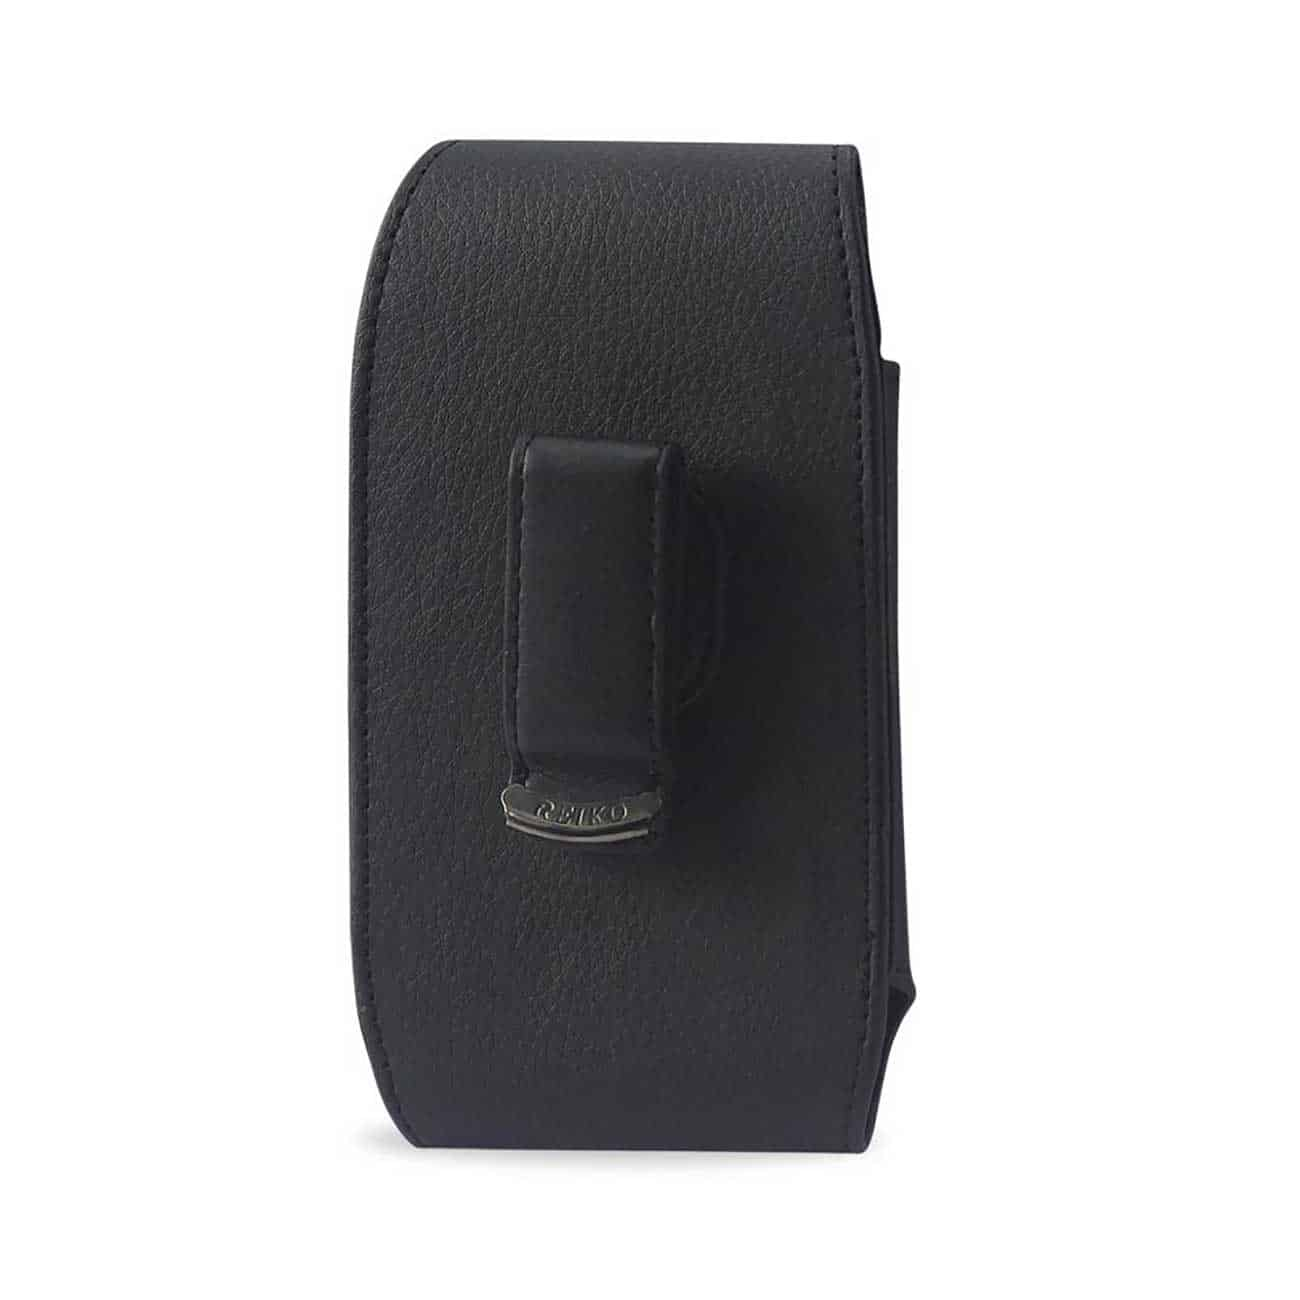 VERTICAL POUCH HTC HD2 T8585 PLUS BLACK